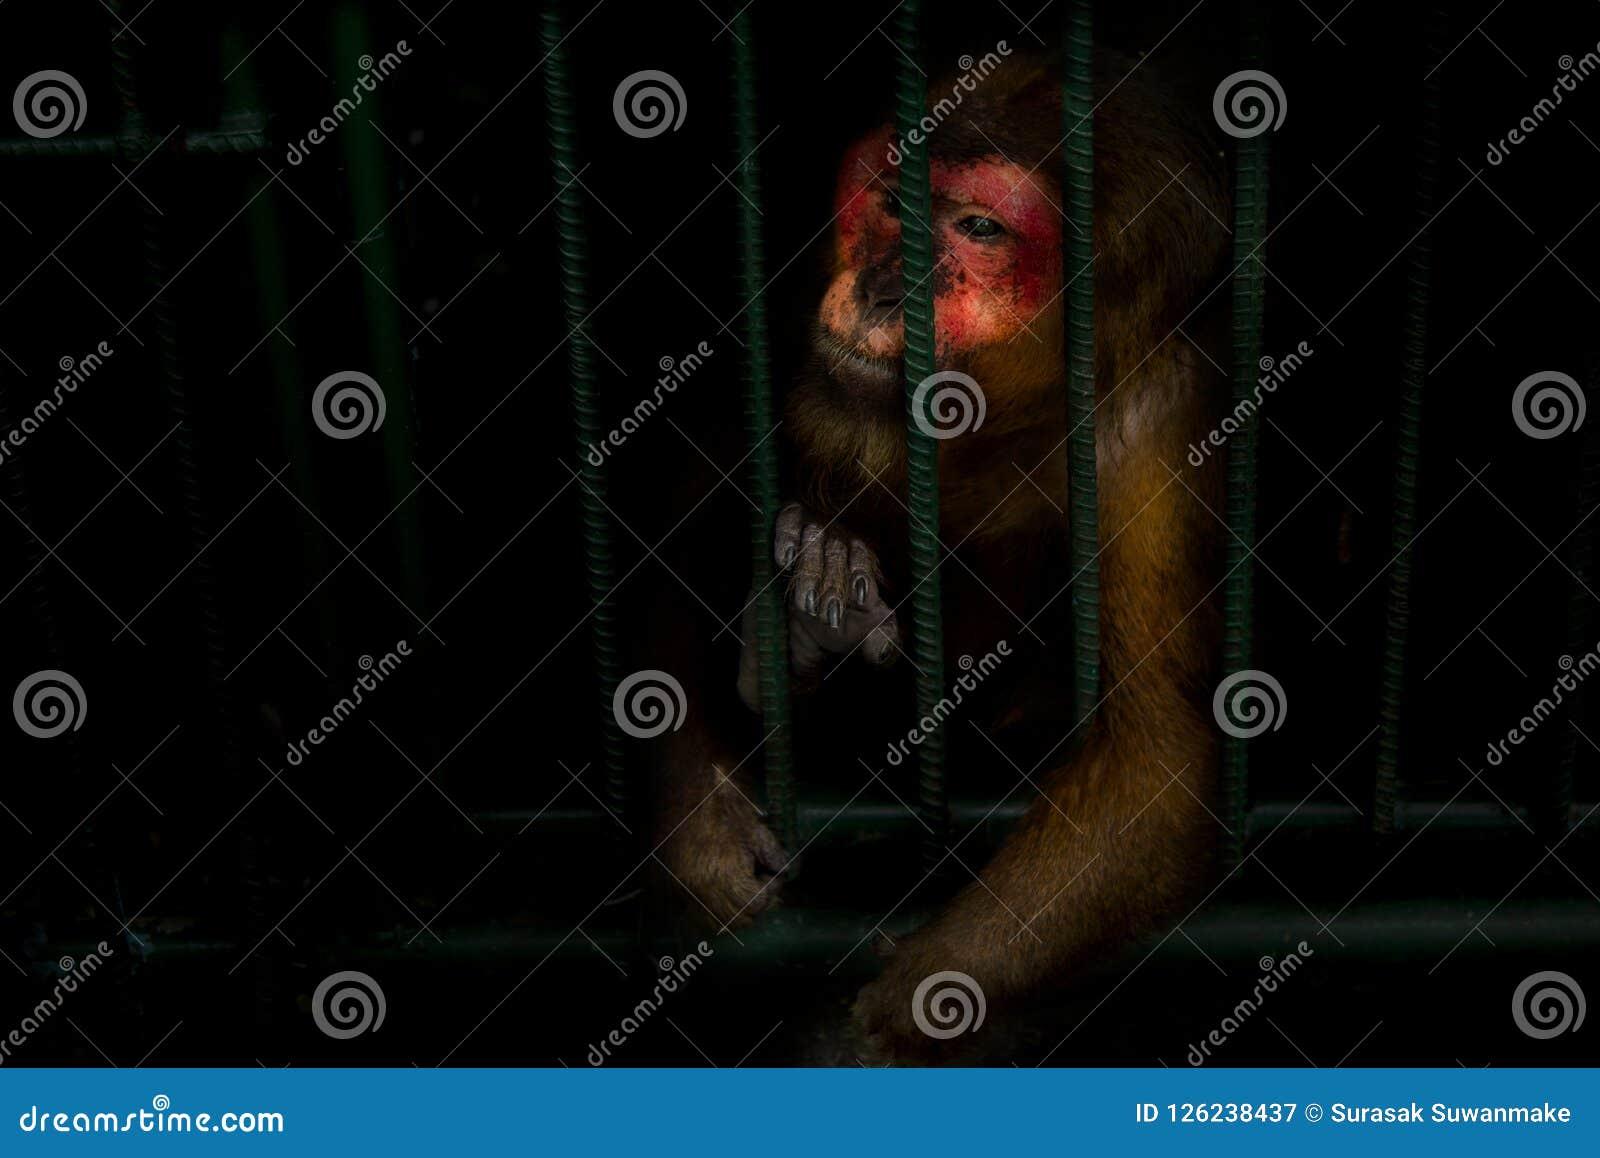 Die Affen werden in einem Stahlkäfig eingeschlossen und die Grausamkeit der Menschheit aufweisen